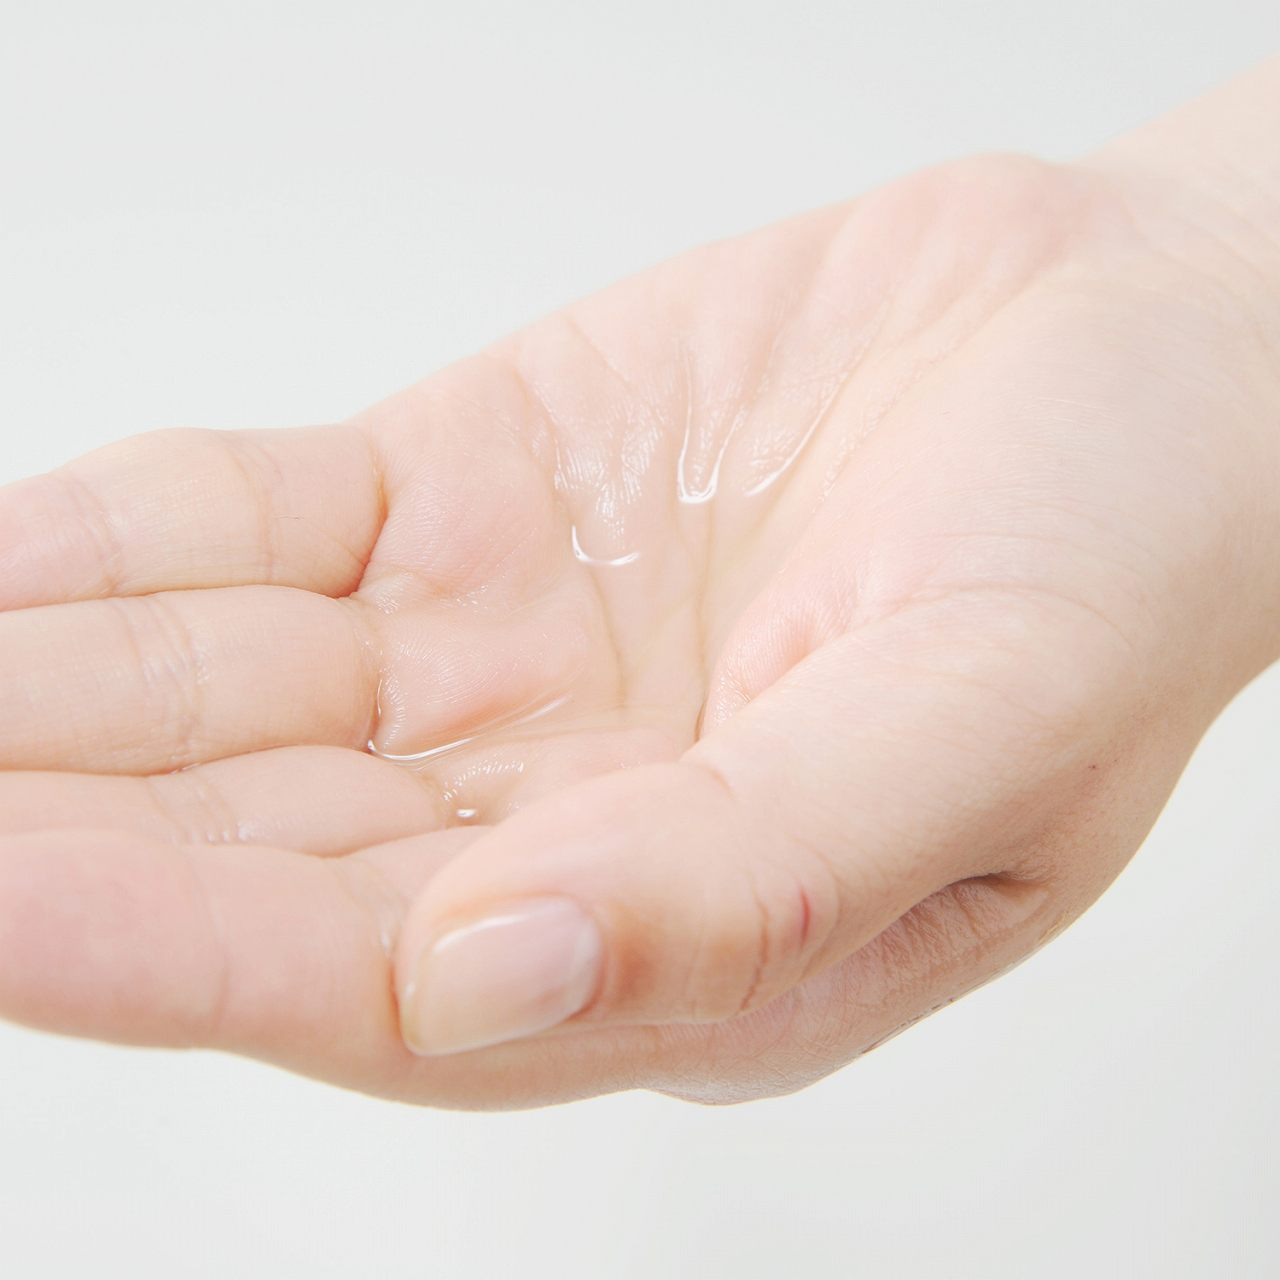 手の平に抑毛剤